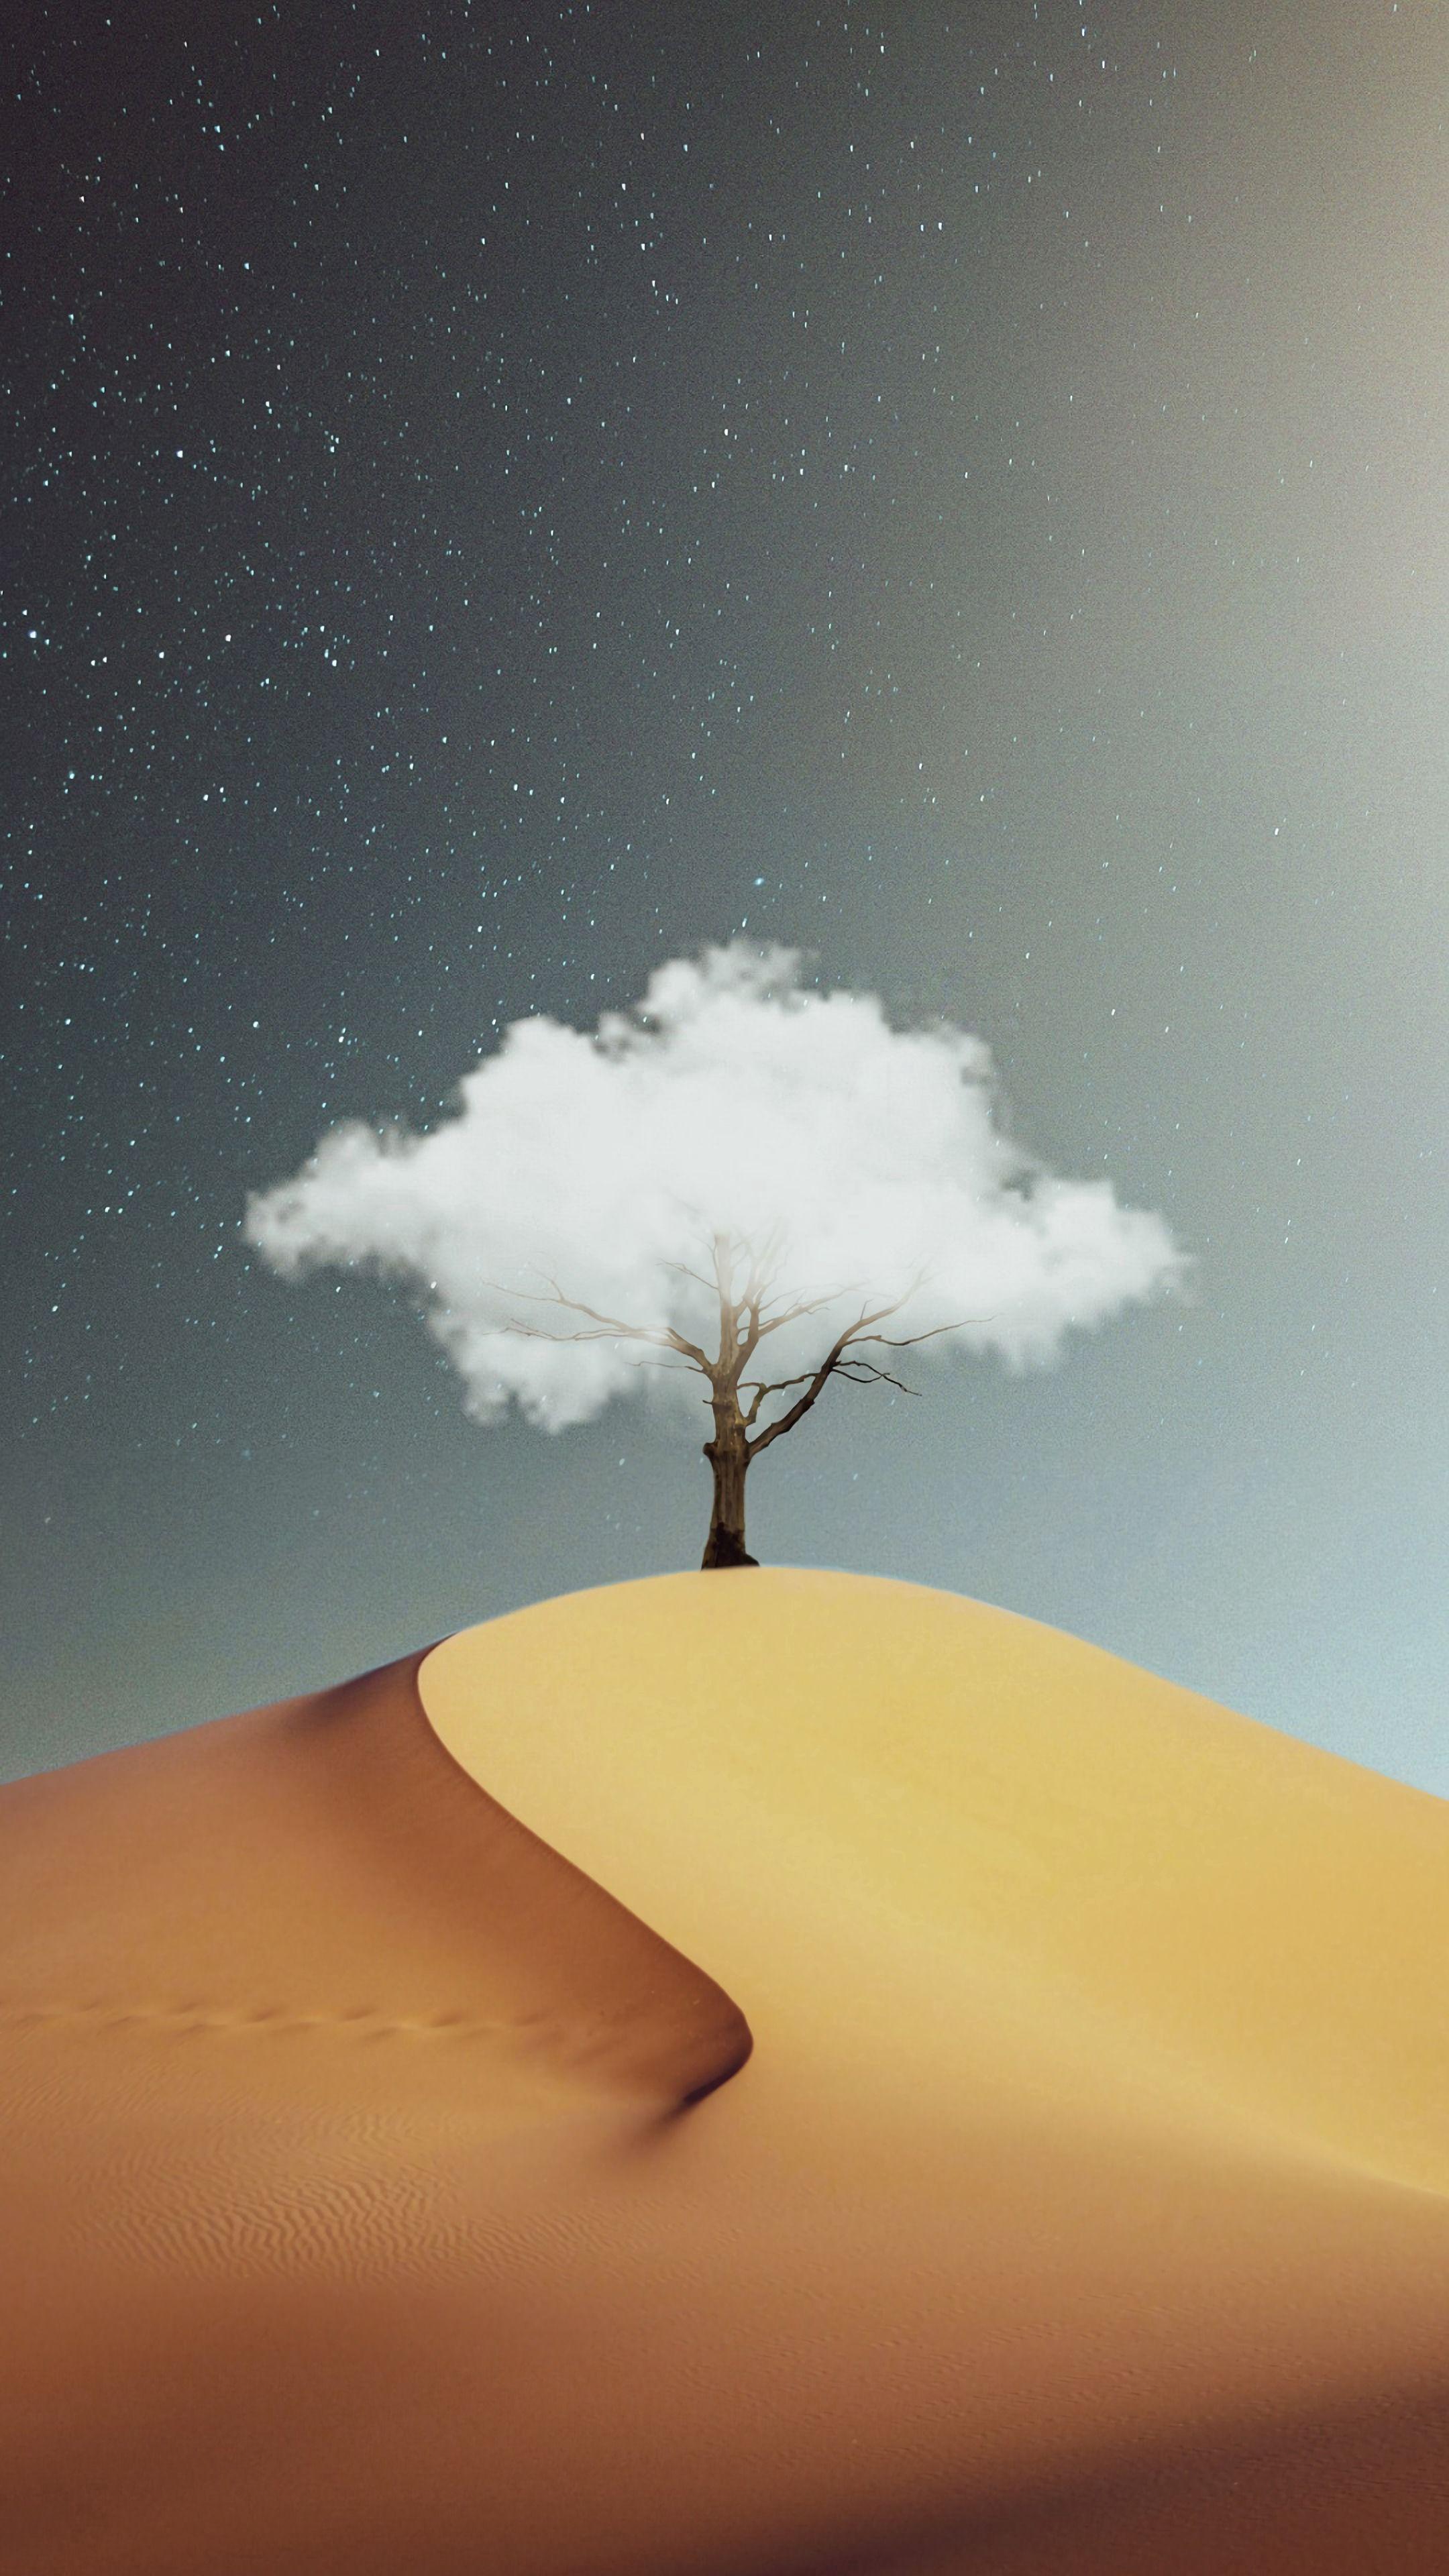 144690 免費下載壁紙 杂项, 木头, 云, 云端, 爬坡道, 山丘, 沙, 沙漠 屏保和圖片